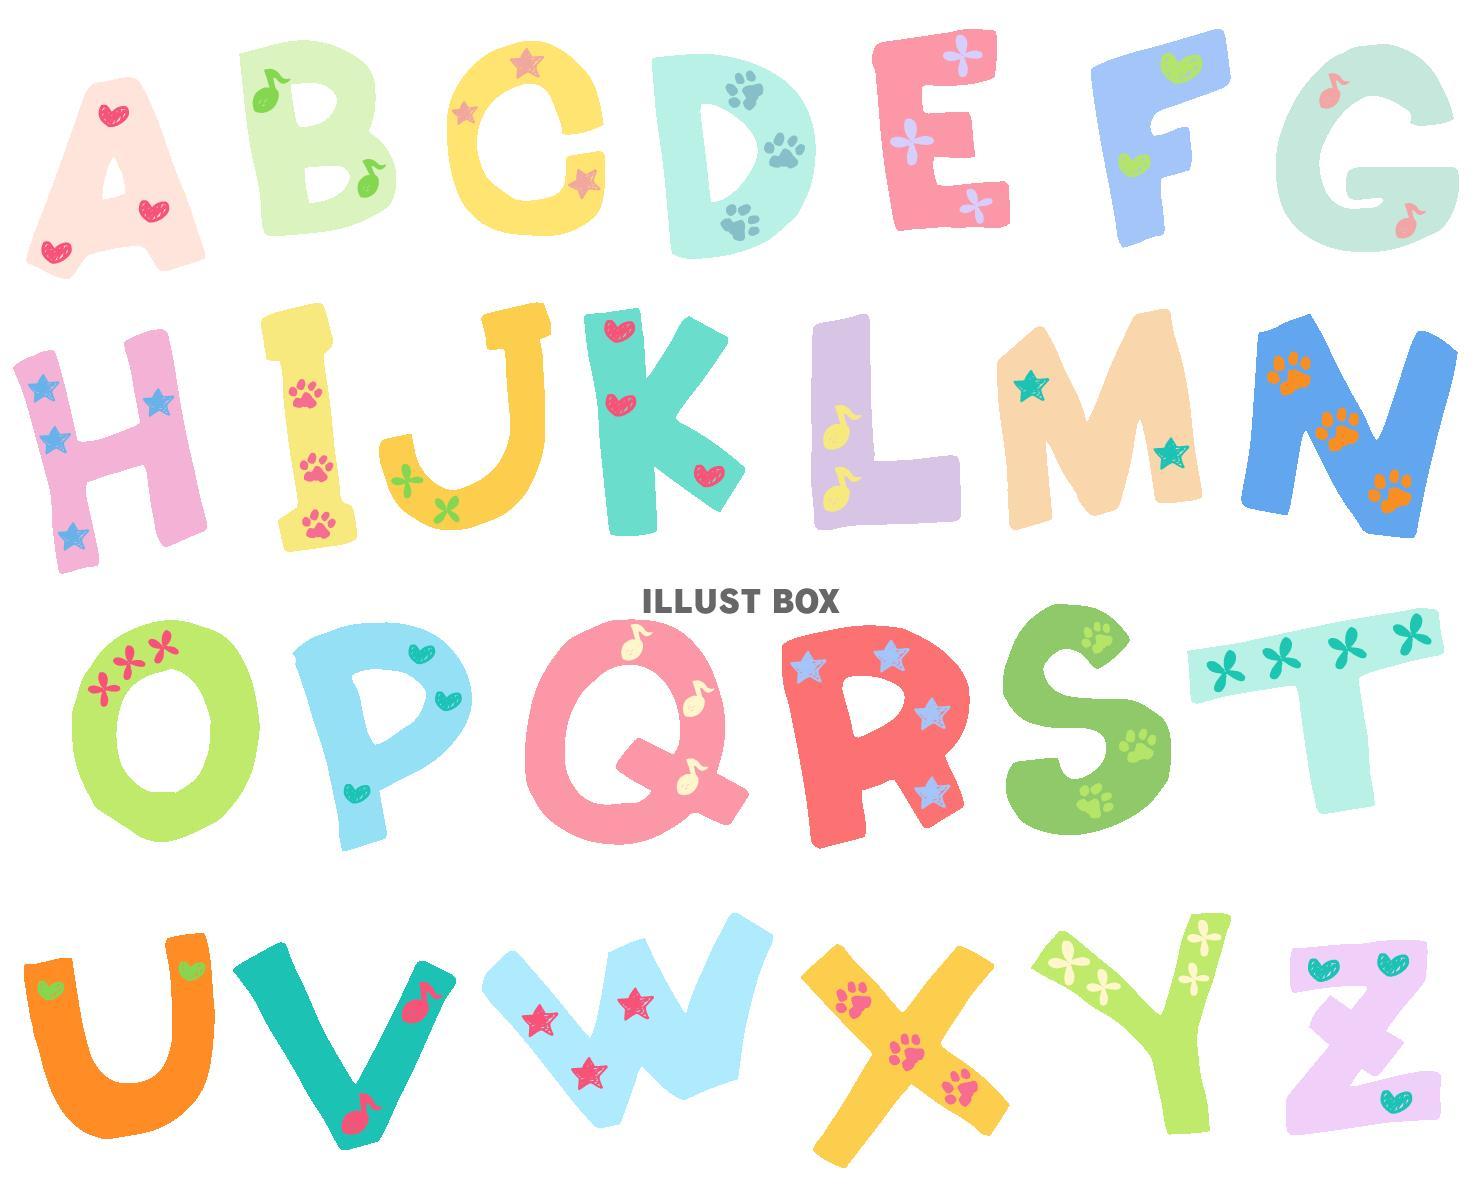 ゆる イラスト サンプル アルファベット 素材 猫 Wwwthetupiancom